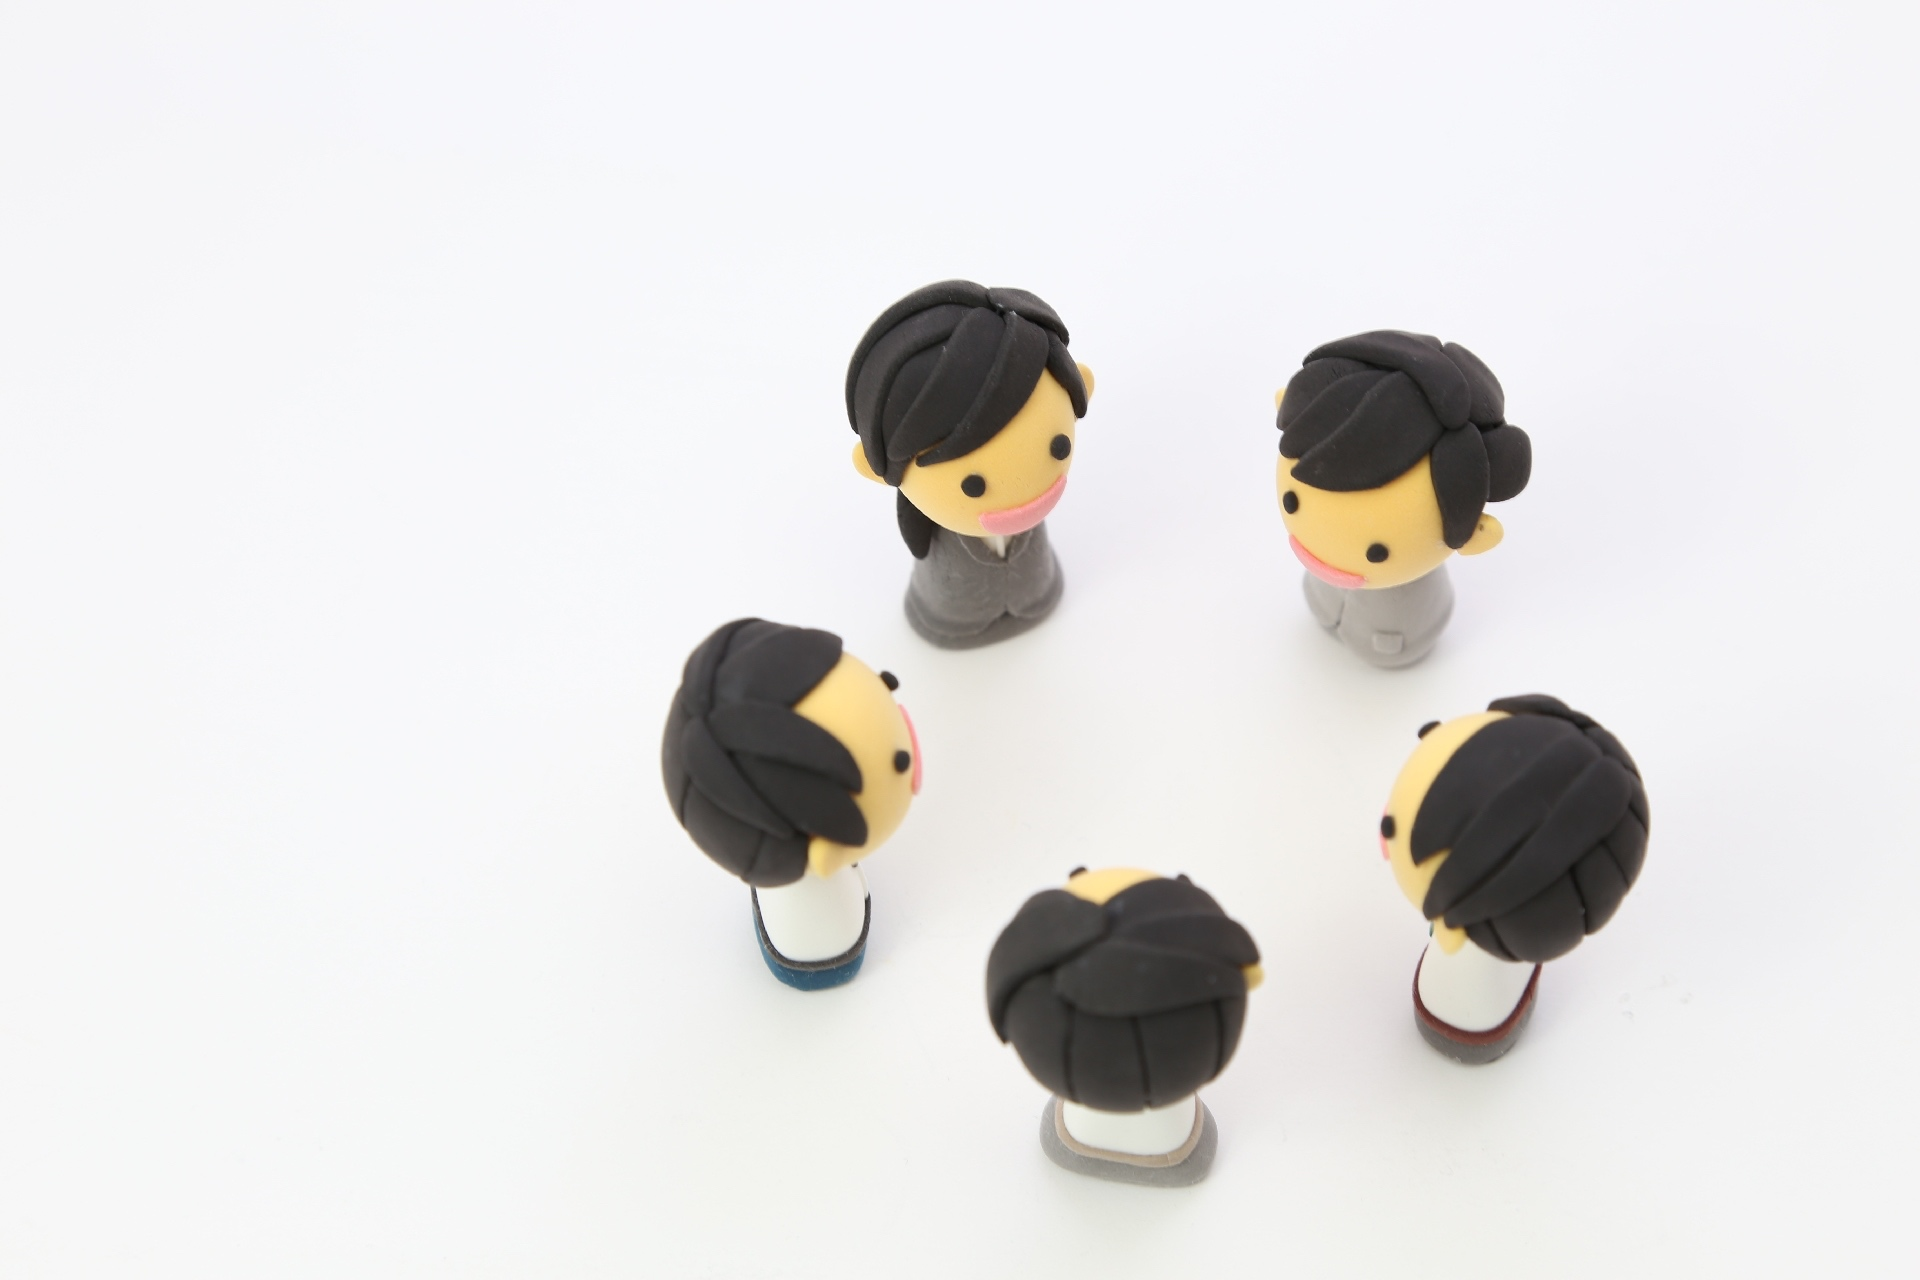 企業内における介護者コミュニティー